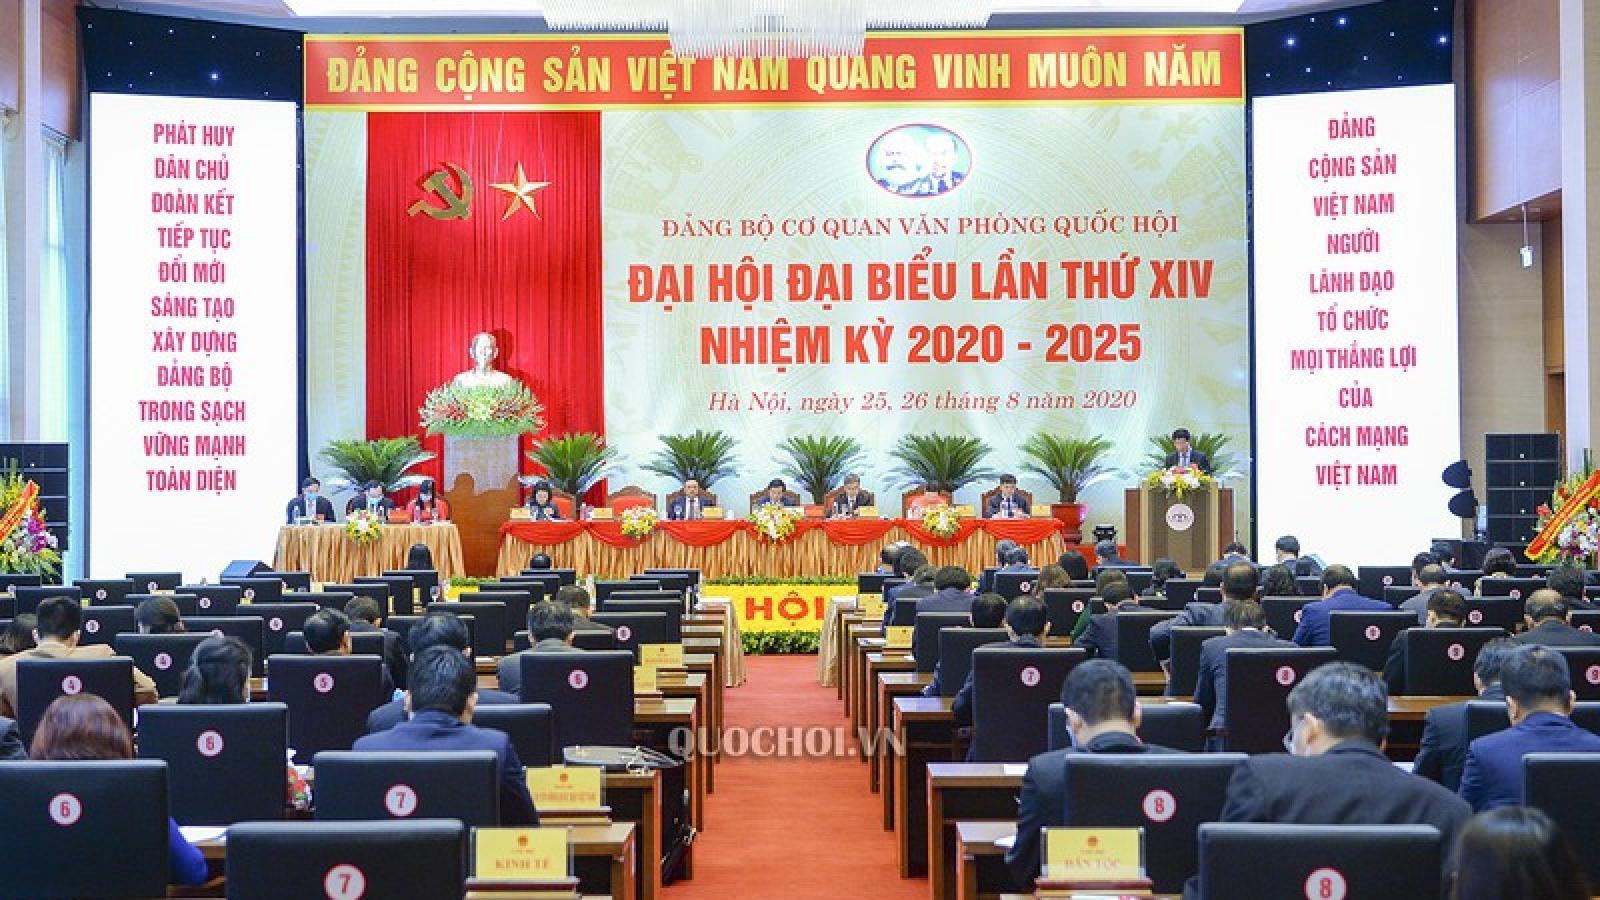 Ông Trần Sỹ Thanh được bầu làm Bí thư Đảng ủy cơ quan Văn phòng Quốc hội